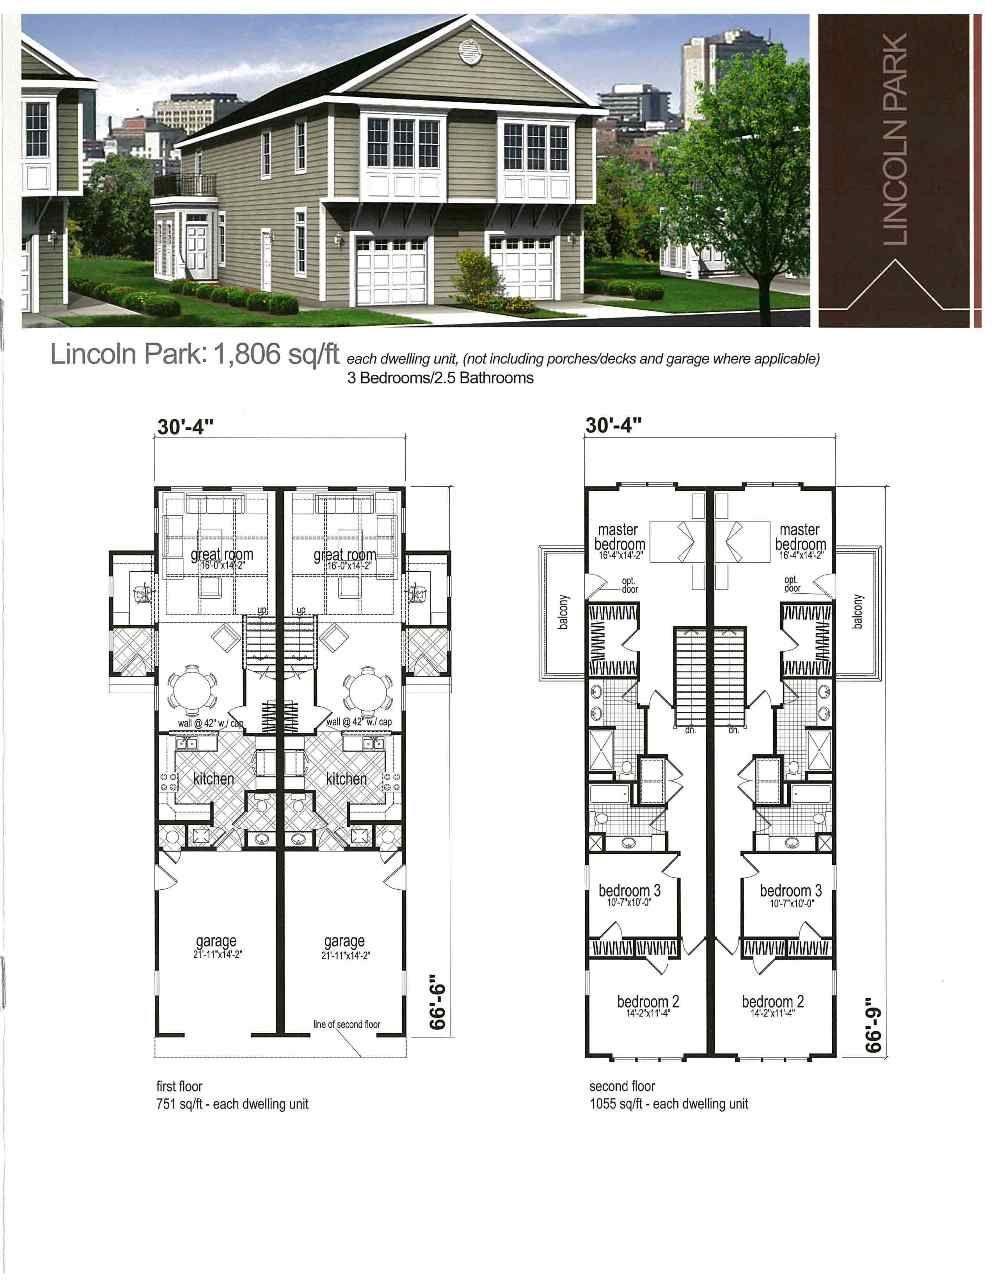 duplex plan duplex design duplex house plans duplex on best tiny house plan design ideas id=53887